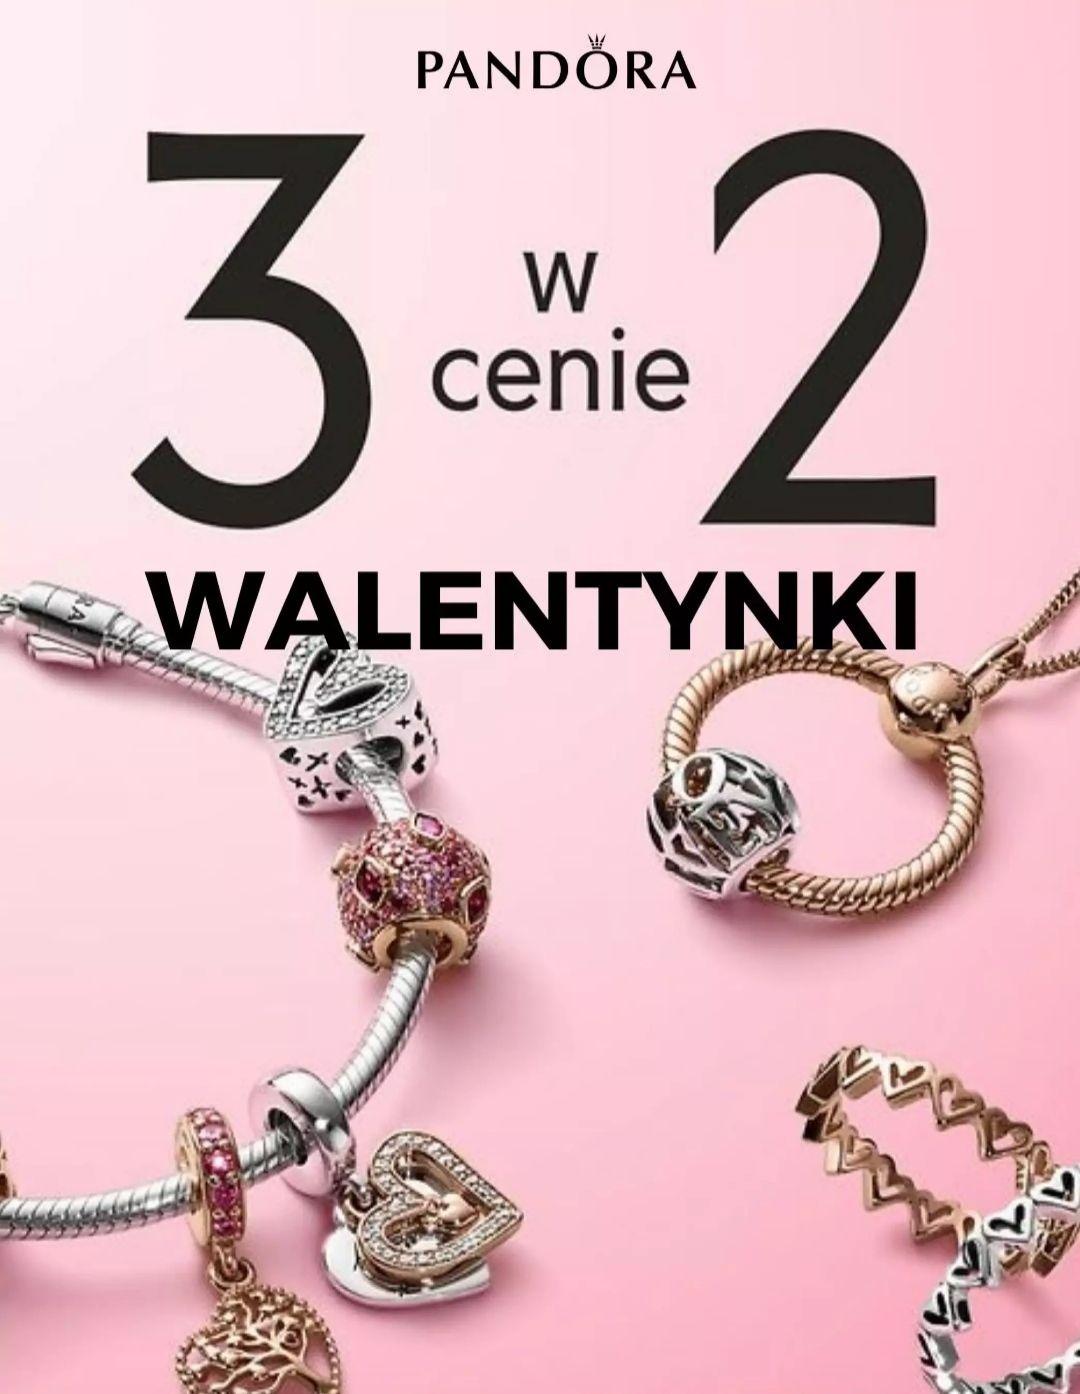 Pandora 3 w cenie 2 na Walentynki